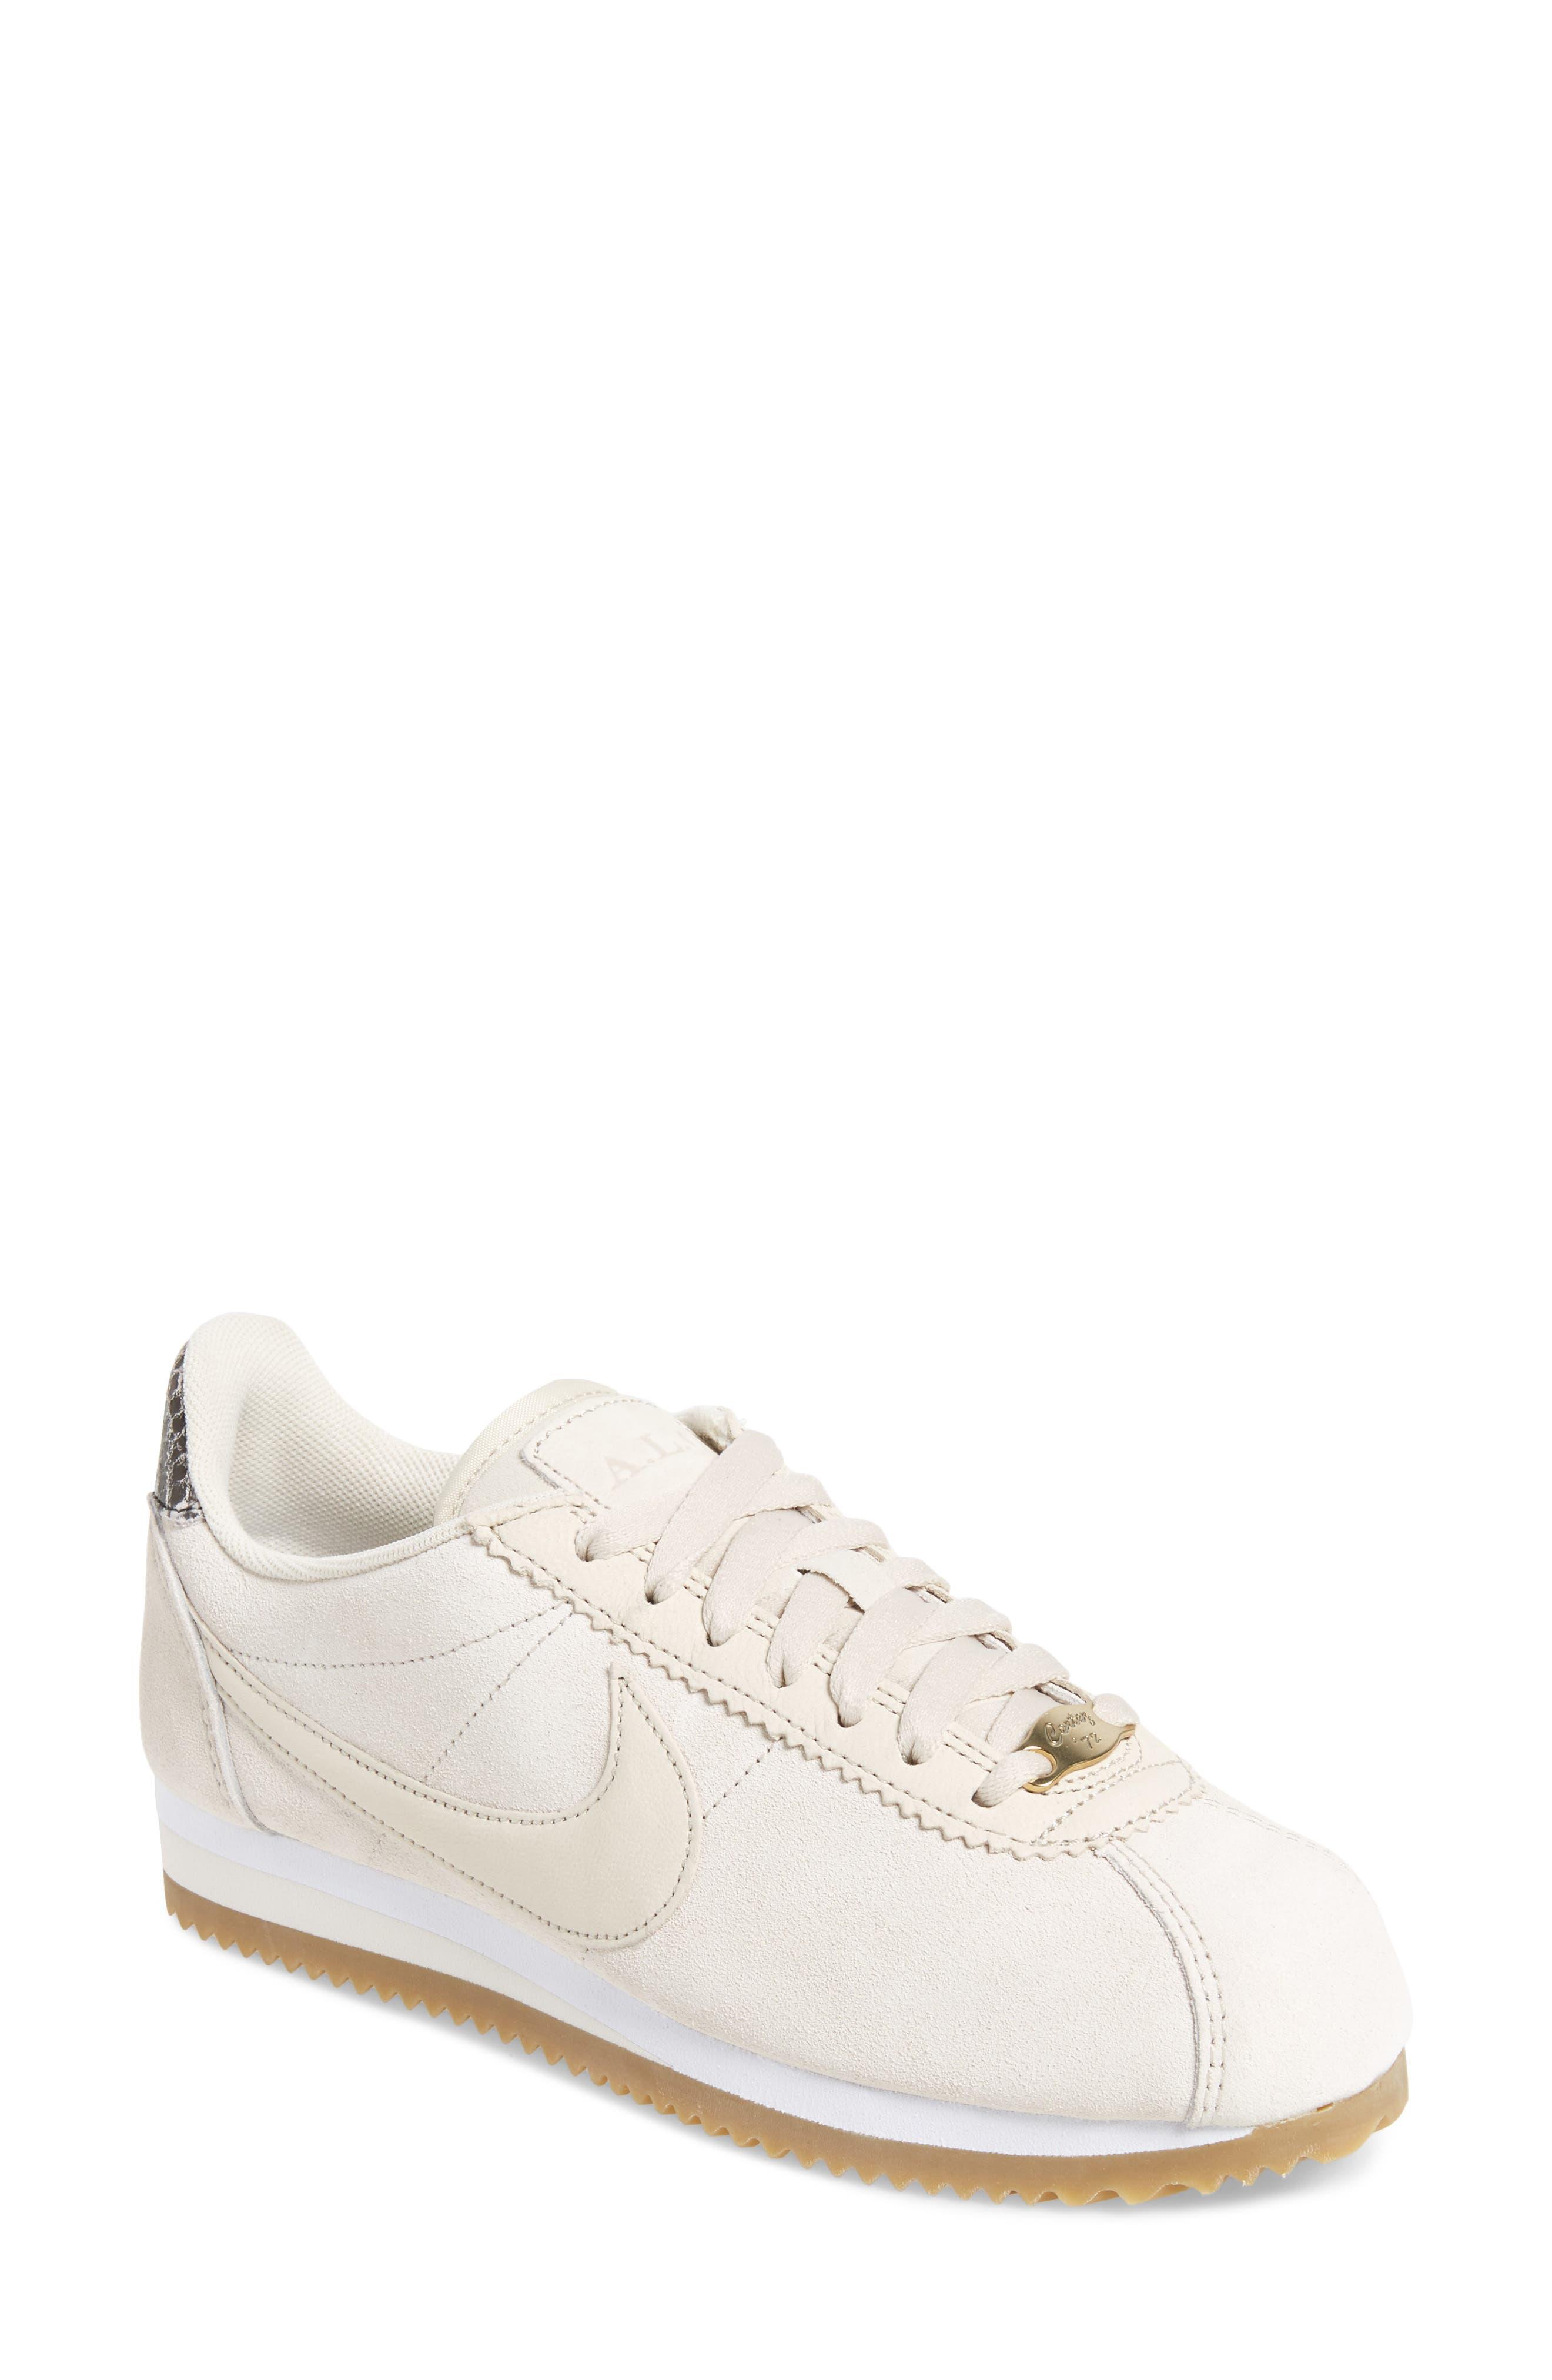 x A.L.C. Classic Cortez Sneaker,                             Main thumbnail 3, color,